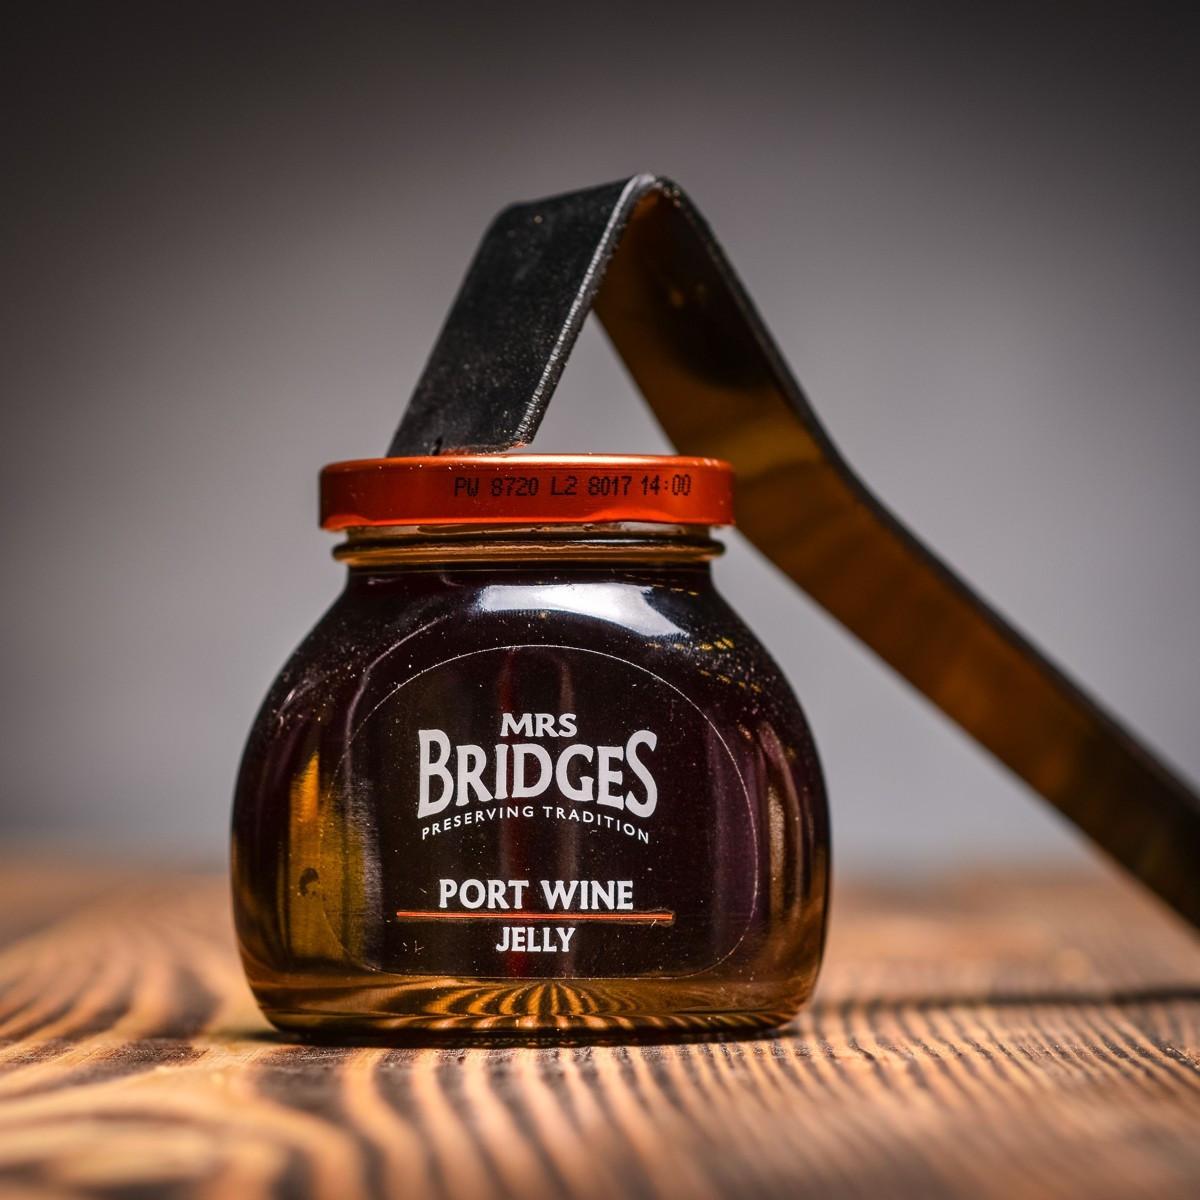 Port Wine Jelly - zelé z portskeho vina 250 g Mrs Bridges.JPG